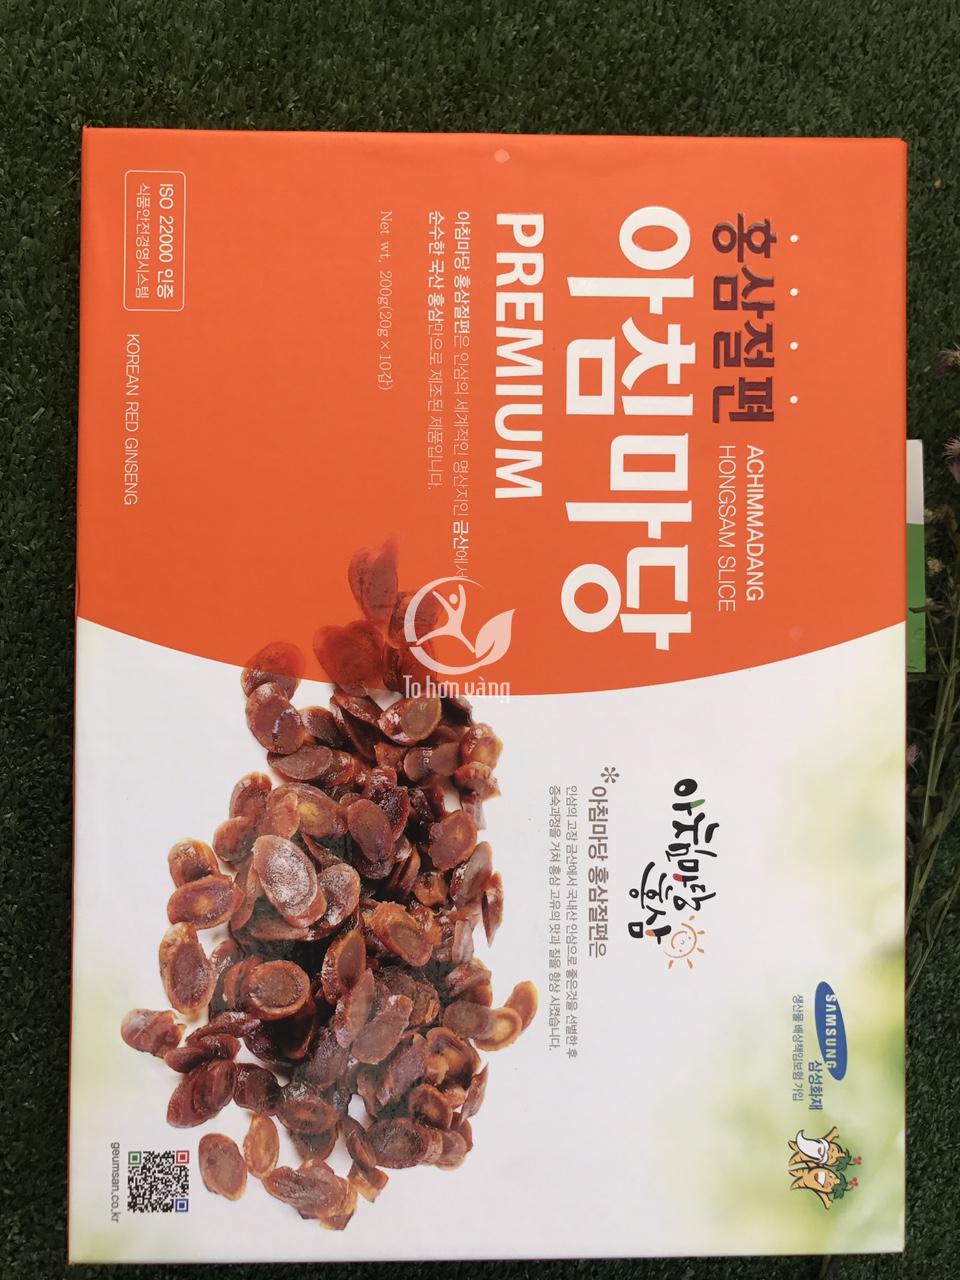 Hồng sâm thái lát tẩm mật ong Achimadang là cách chế biến sản phẩm từ sâm vừa tăng giá trị dinh dưỡng vừa thuận tiện trong việc sử dụng